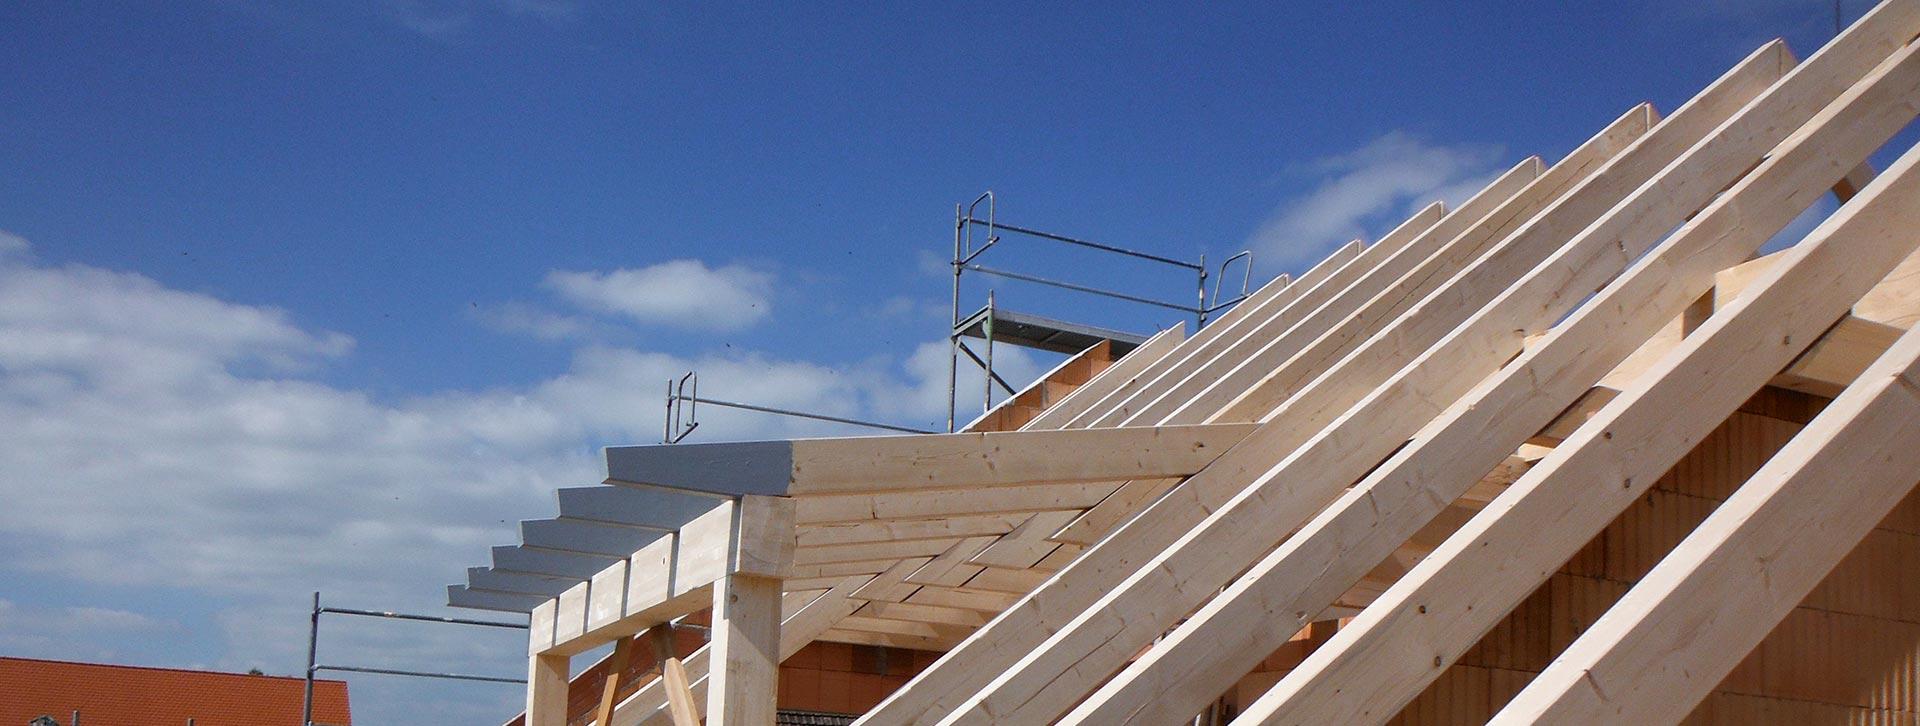 Zimmerei Roider bei Landshut - Massivholzhäuser, Sanierungen und mehr